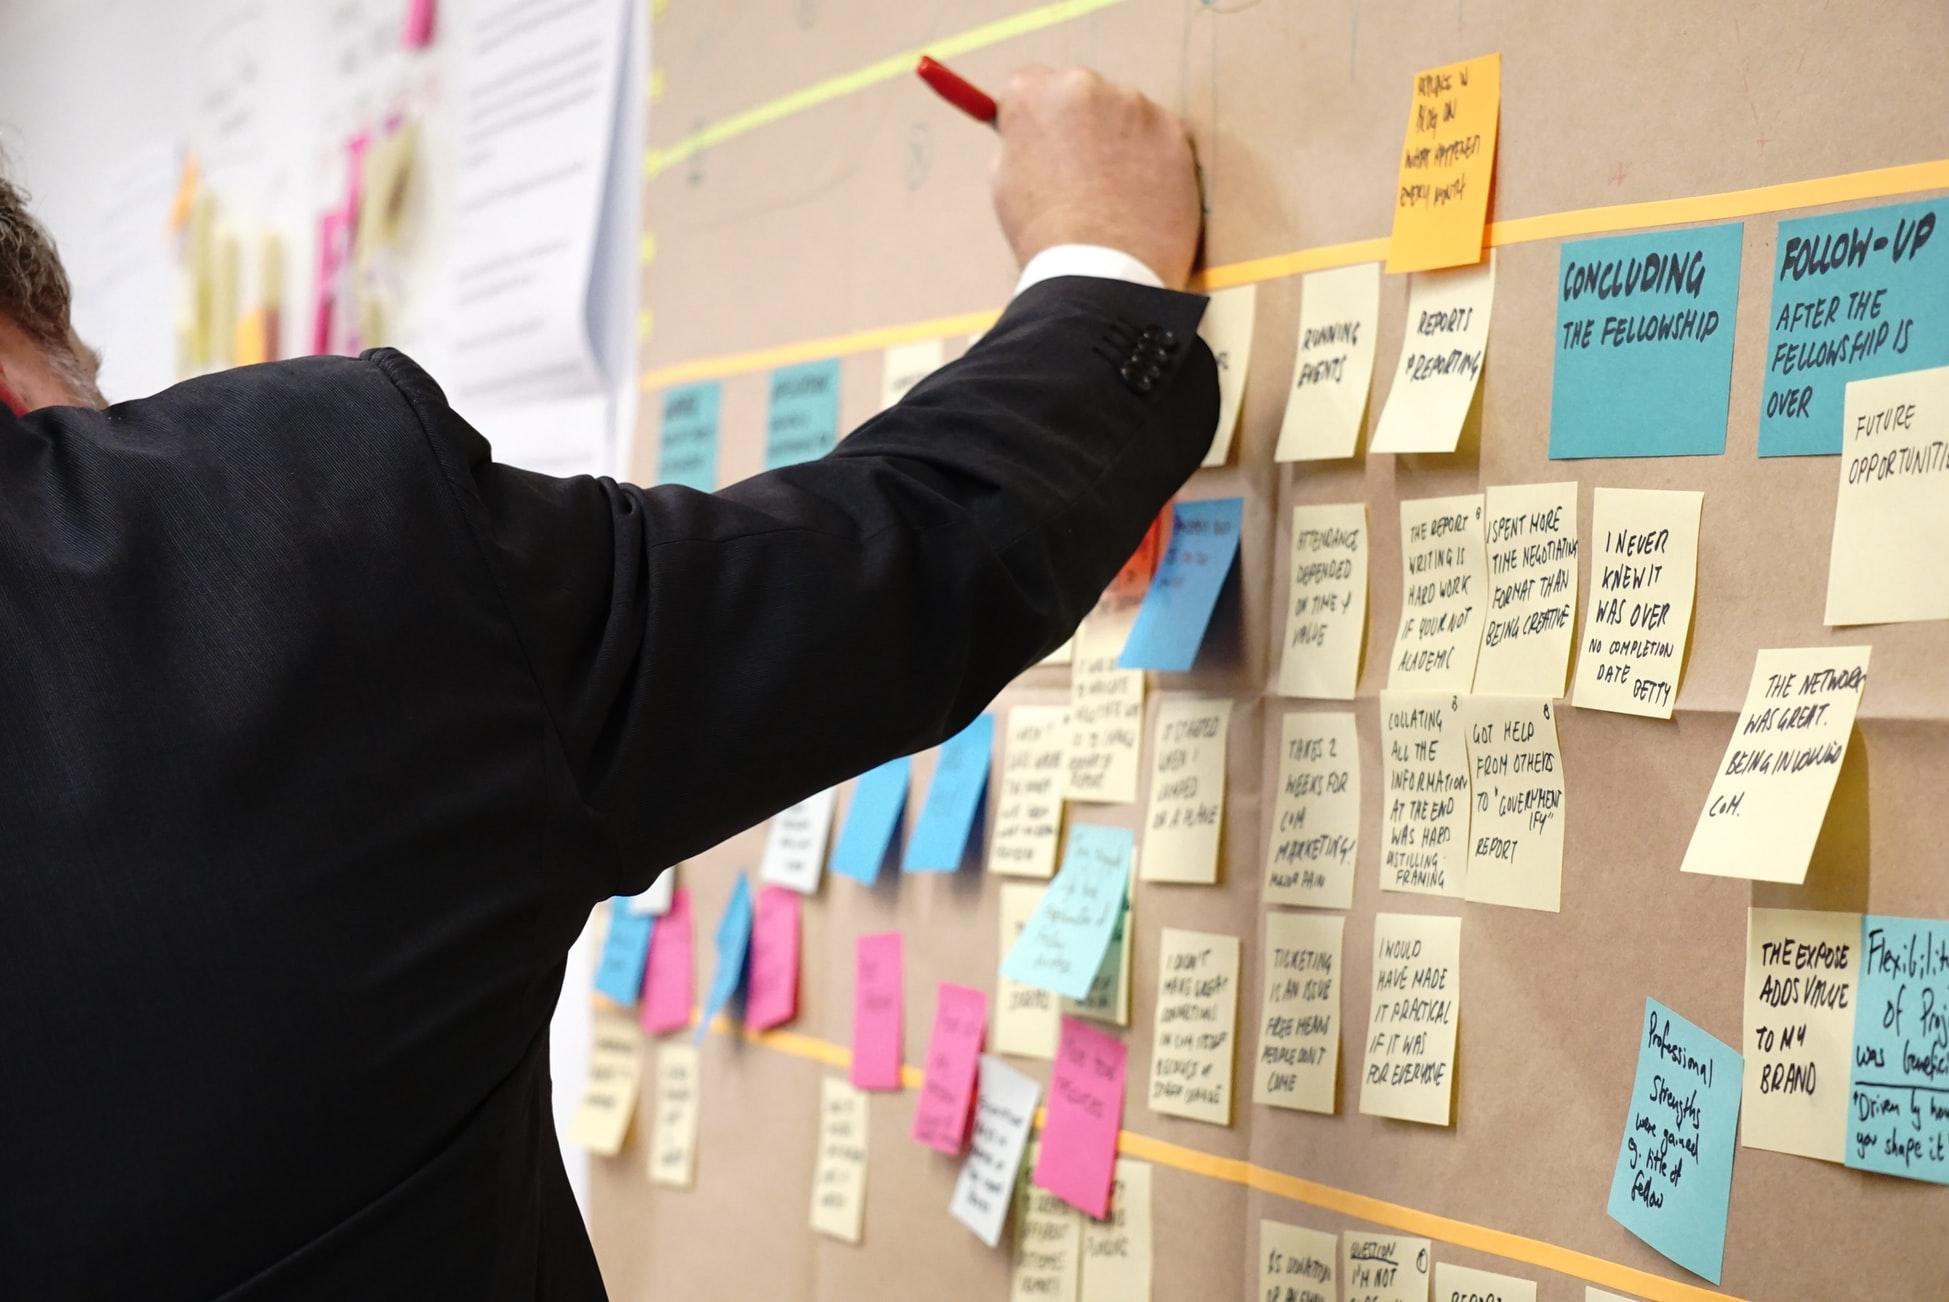 remote-communication-best-practices-management